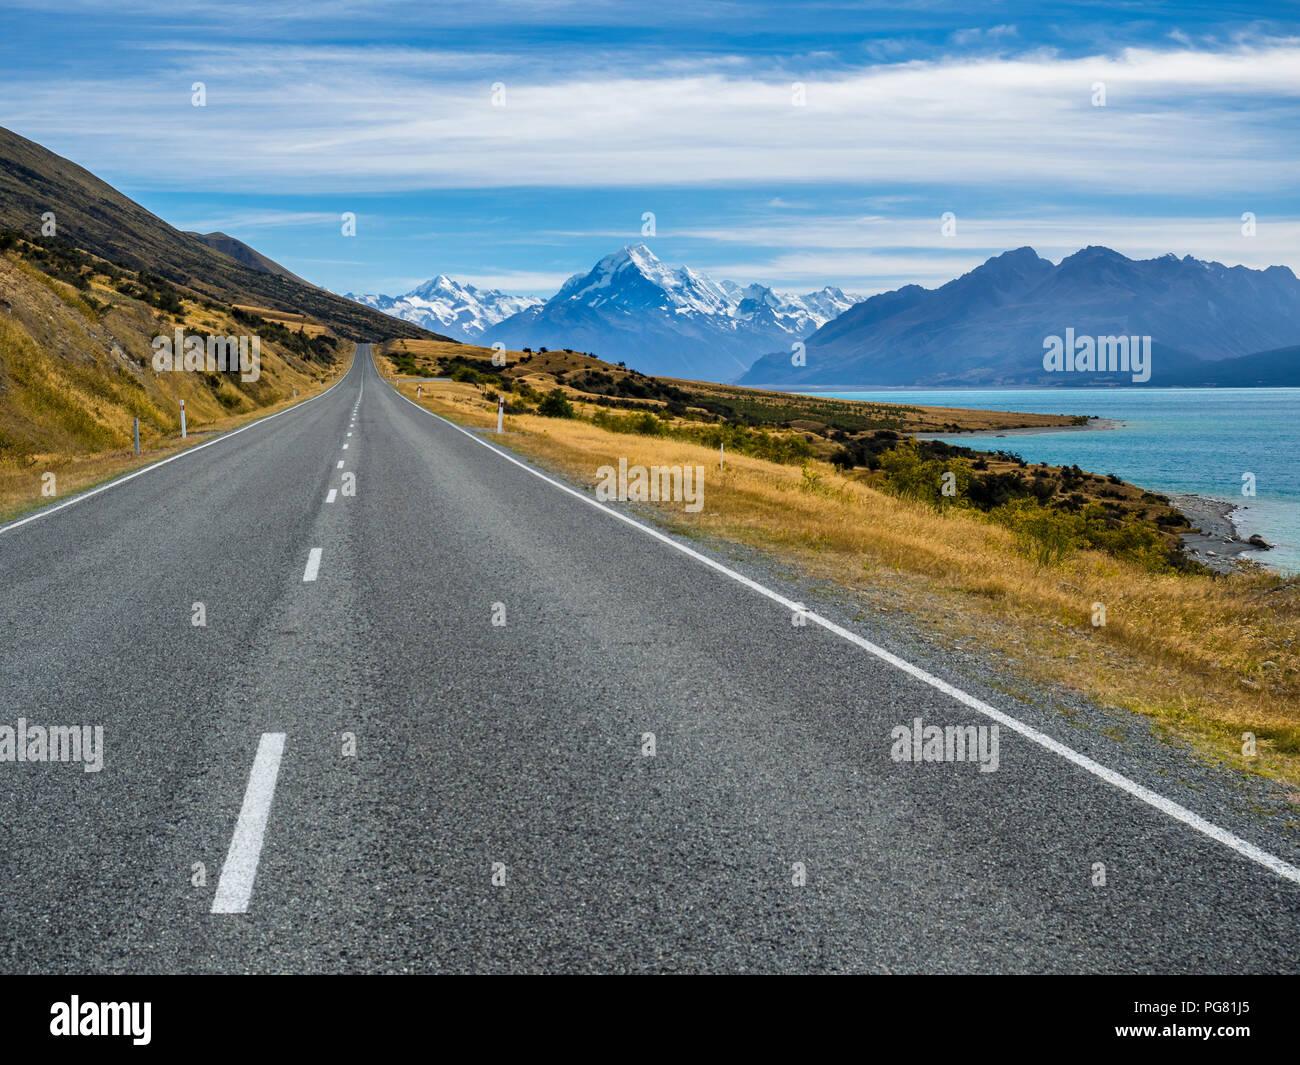 Nouvelle Zélande, île du Sud, à vide, à l'Aoraki Mount Cook et le Lac Pukaki en arrière-plan Photo Stock